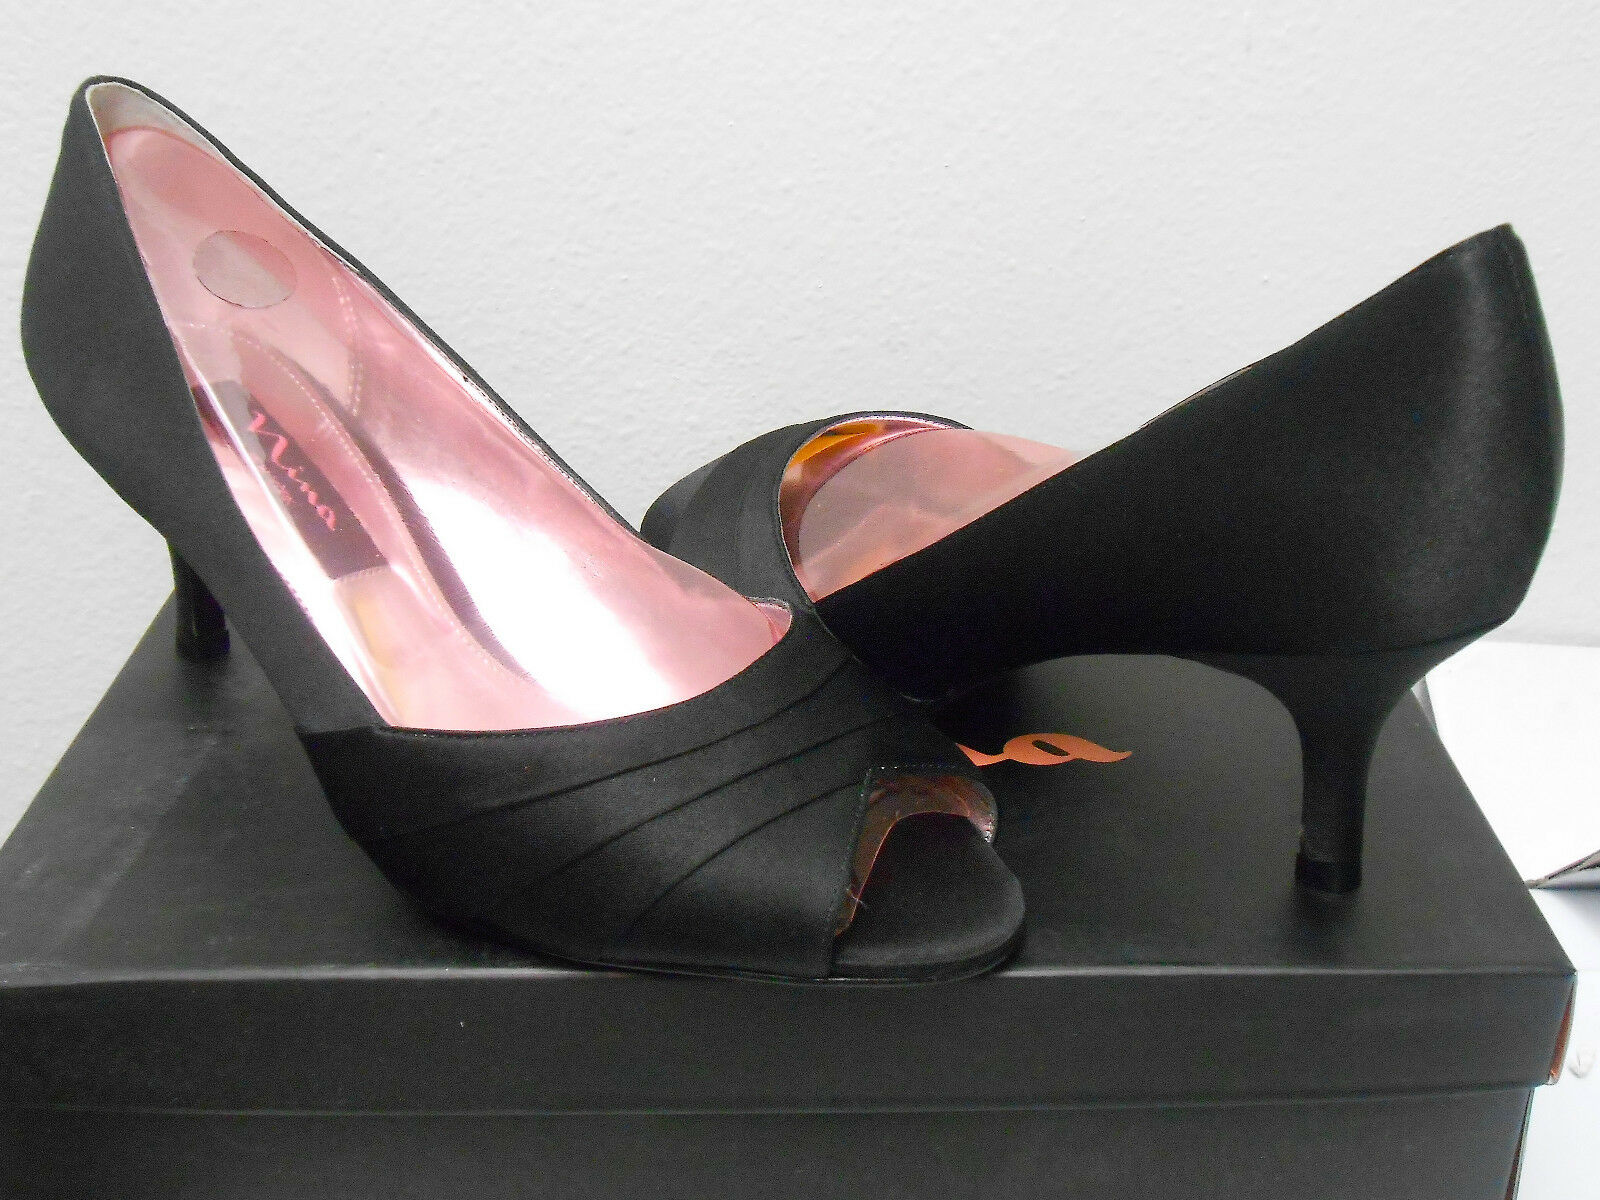 NINA (CRIANA SATIN schwarz PUMP) damen Größe 7.5 7.5 7.5 BRAND NEW eec34d